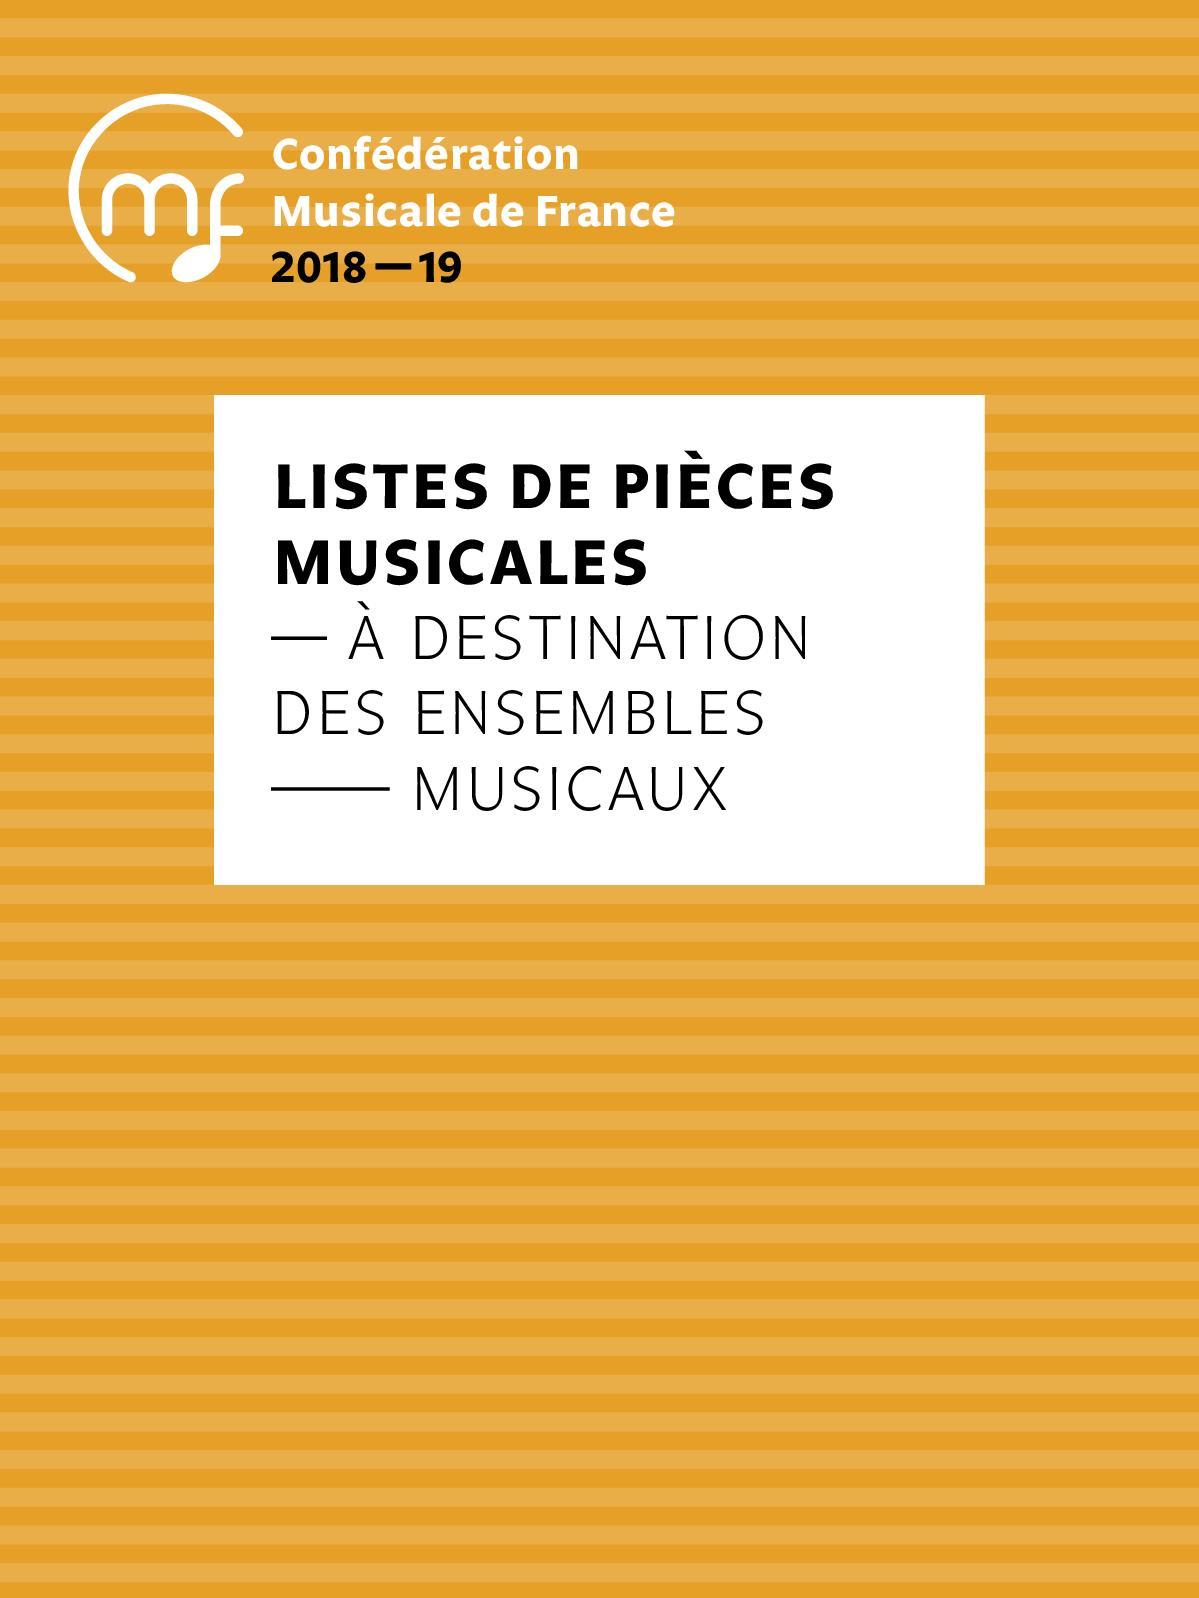 Calameo Listes 2019 De Pieces Musicales A Destination Des Ensembles Musicaux